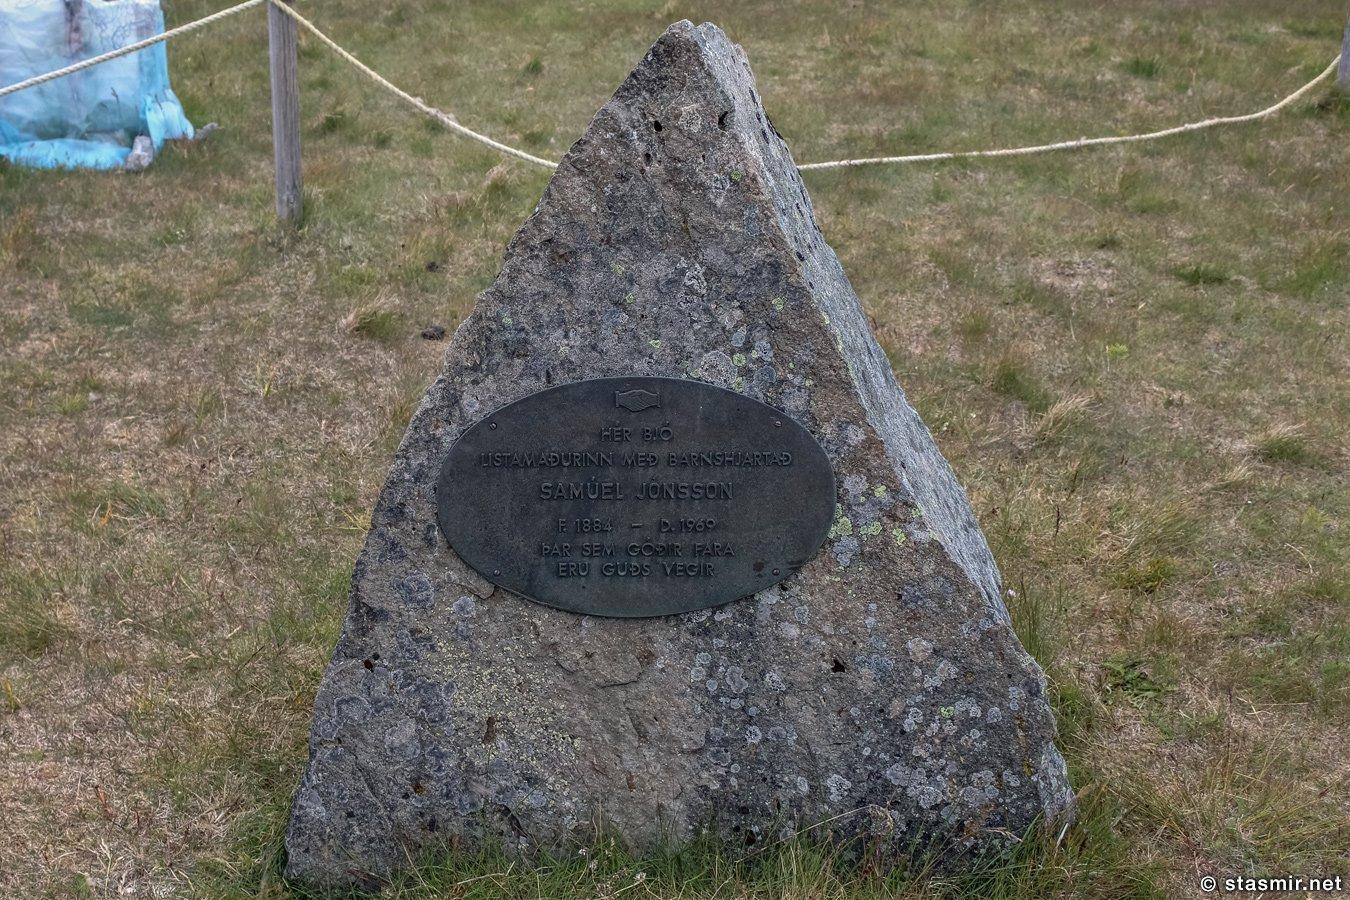 Мемориальный камень в Селаурдалюр: Listamaðurinn með barnshjartað: художник с сердцем ребенка, фото Стасмир, photo Stasmir